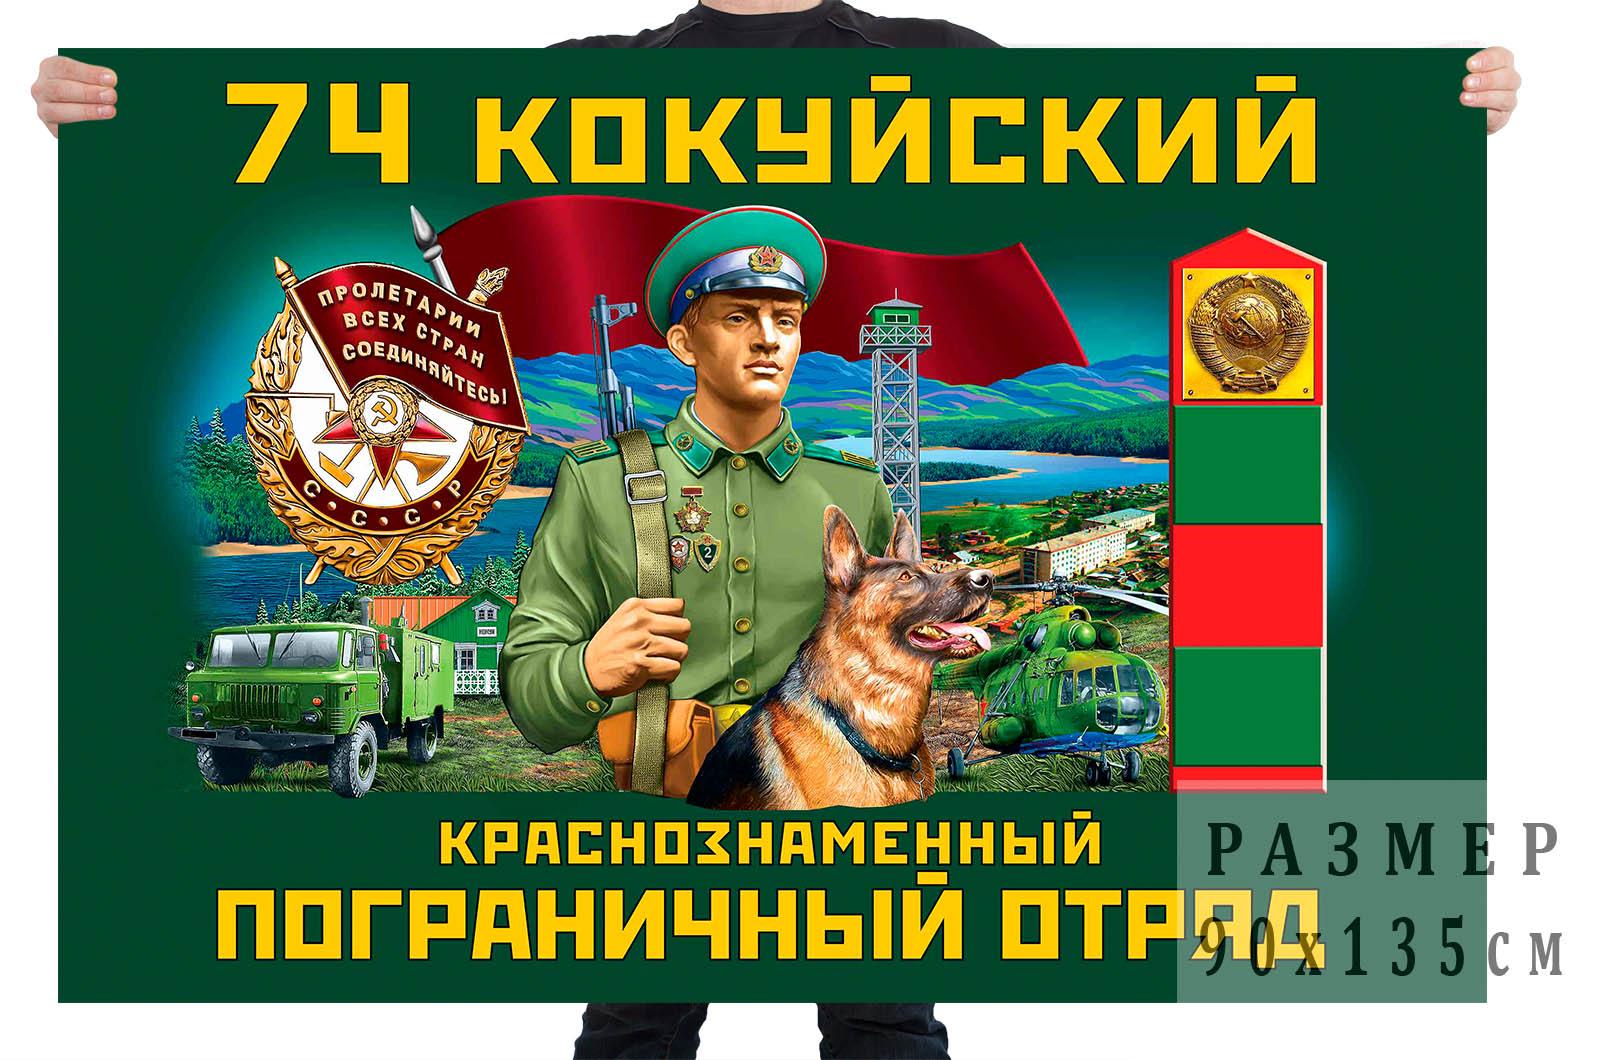 Флаг 74 Кокуйского Краснознамённого пограничного отряда